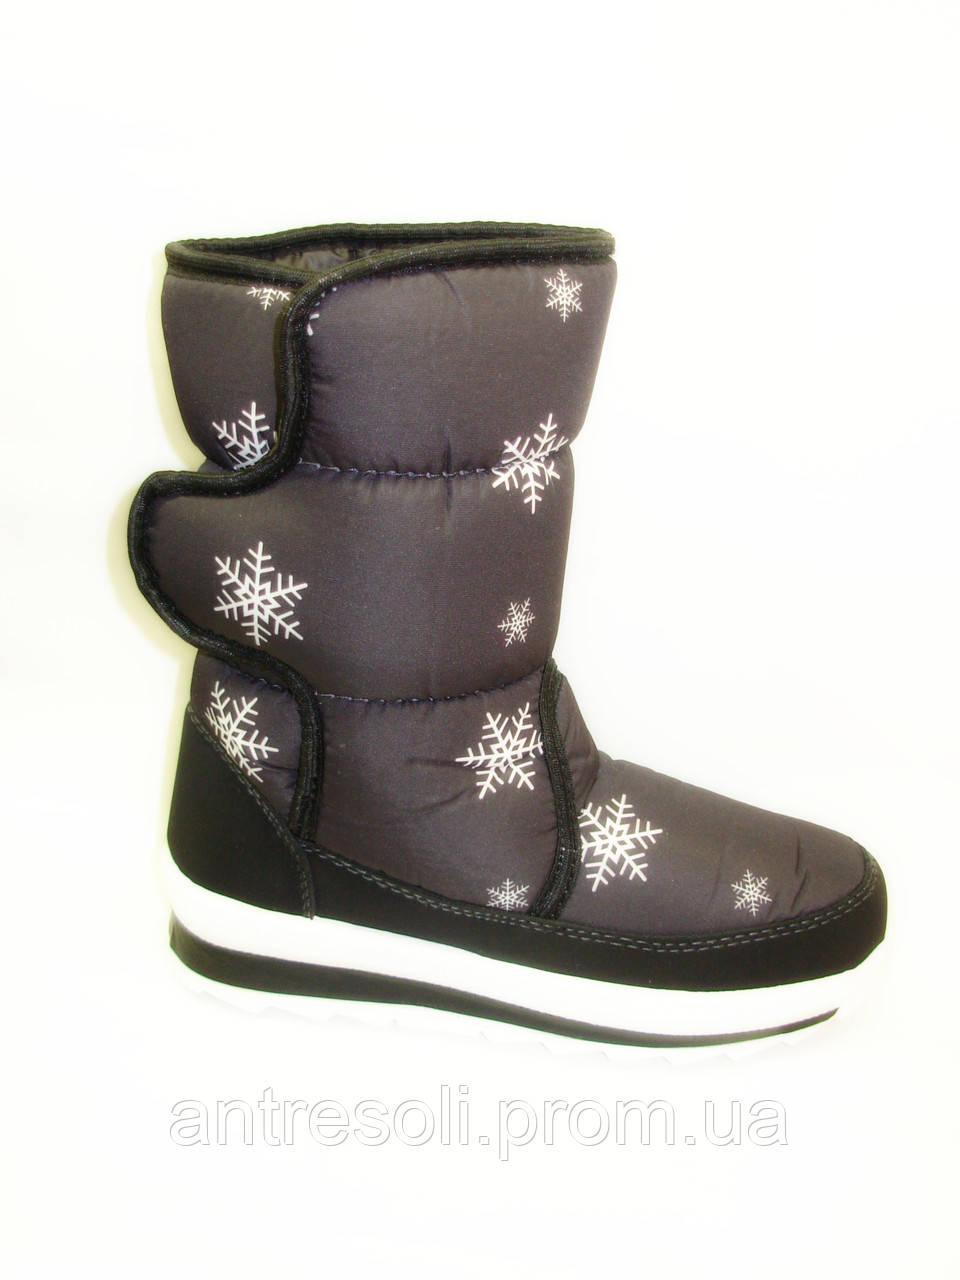 Дутики зимние женские черные снежинки С522 р 40